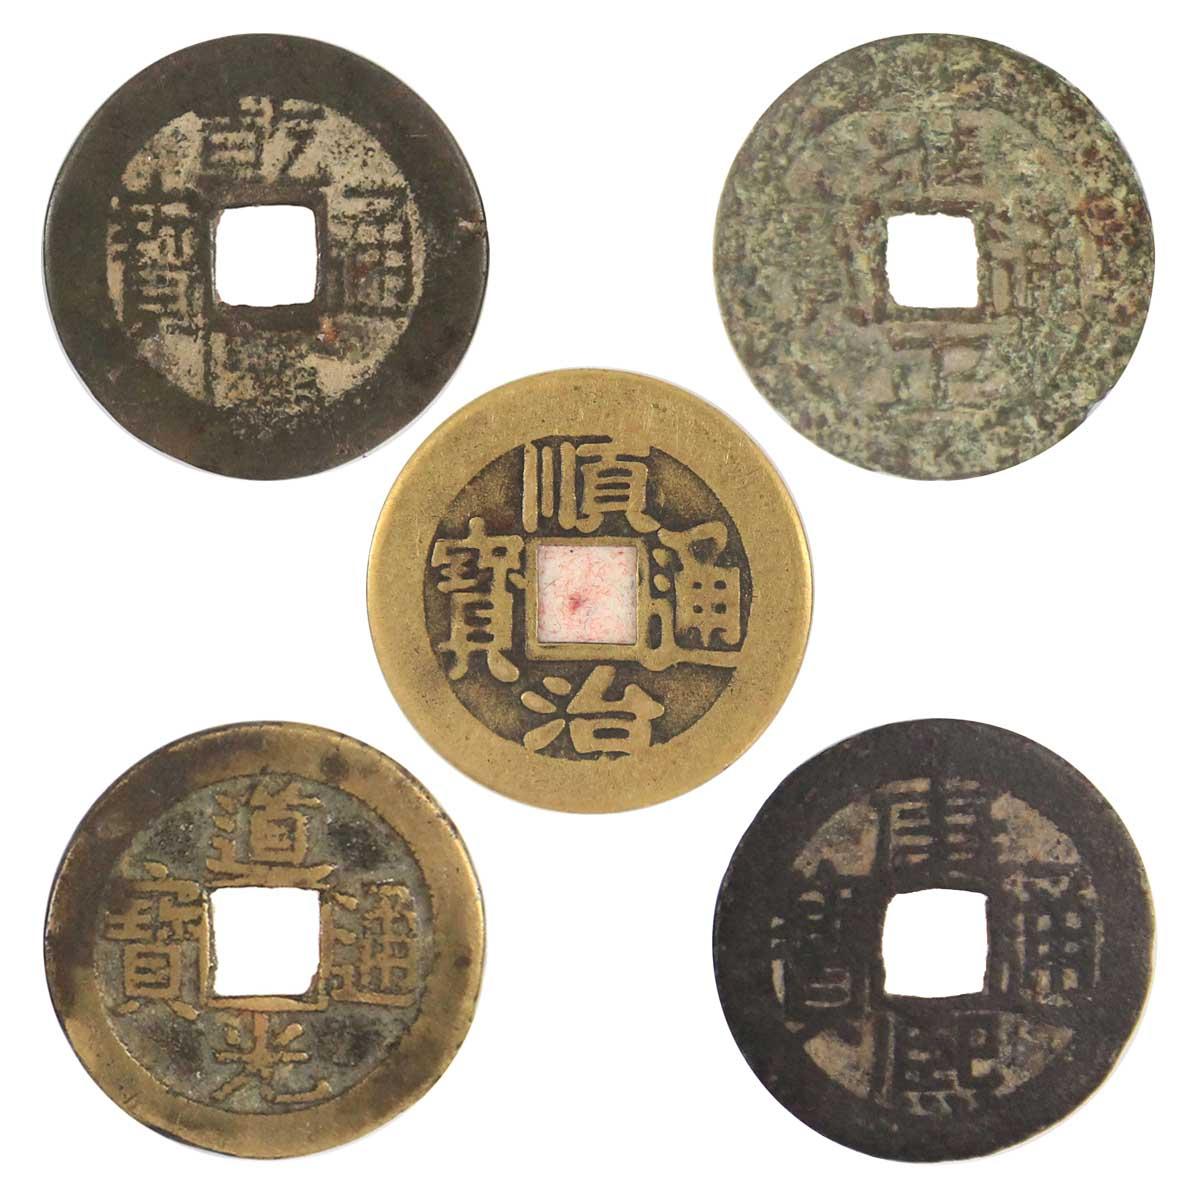 崇宁通宝的价格表-胜大艺术品展览提供有创意的古玩收藏展览